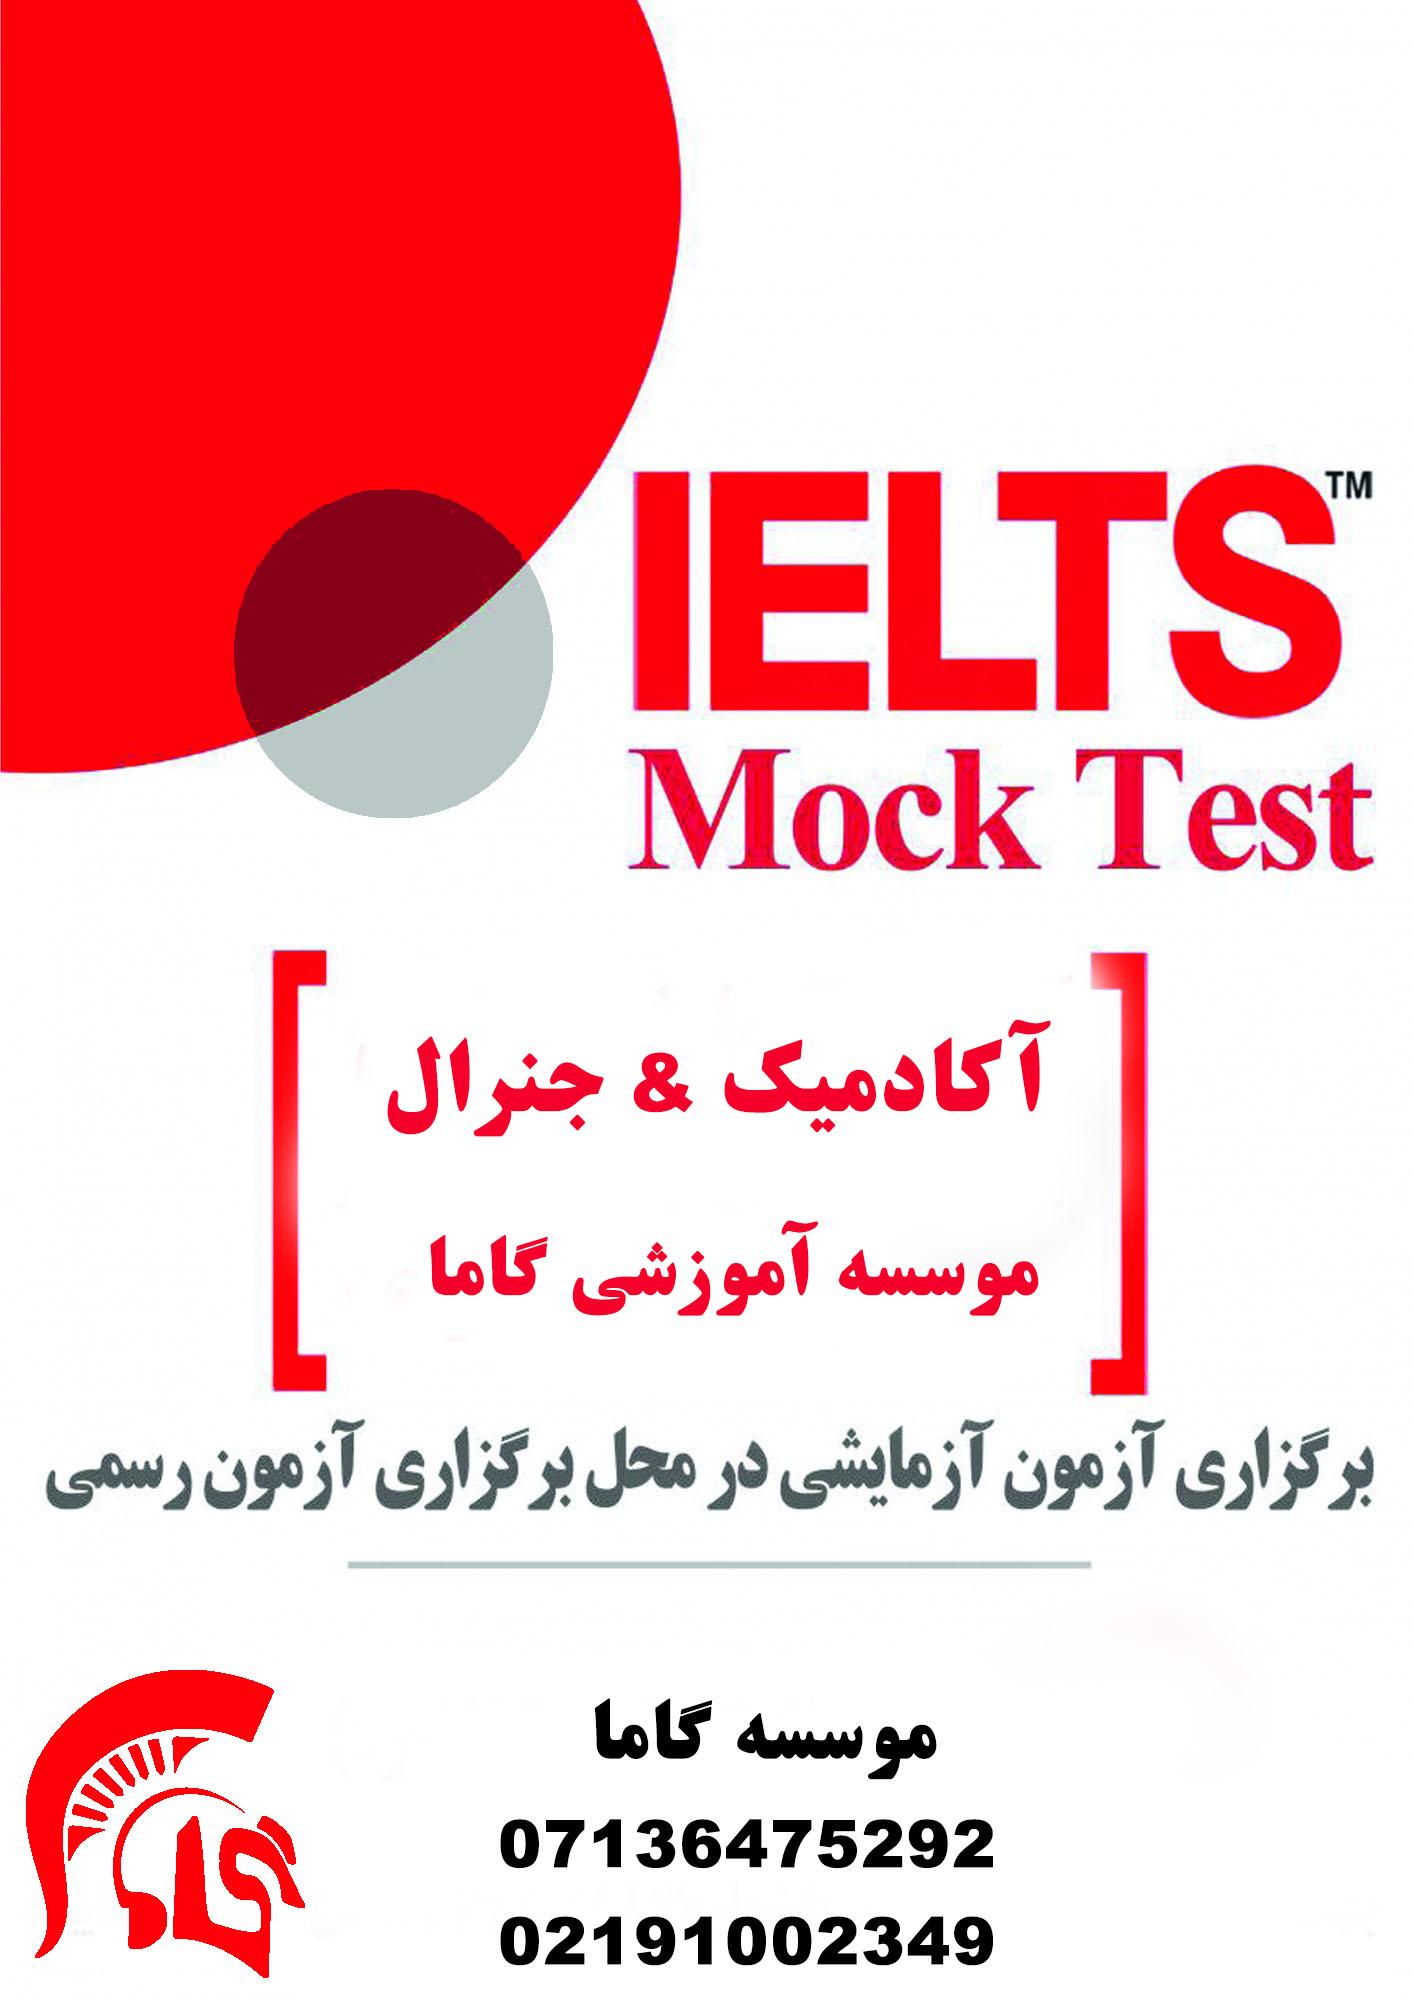 آزمون ماک در شیراز